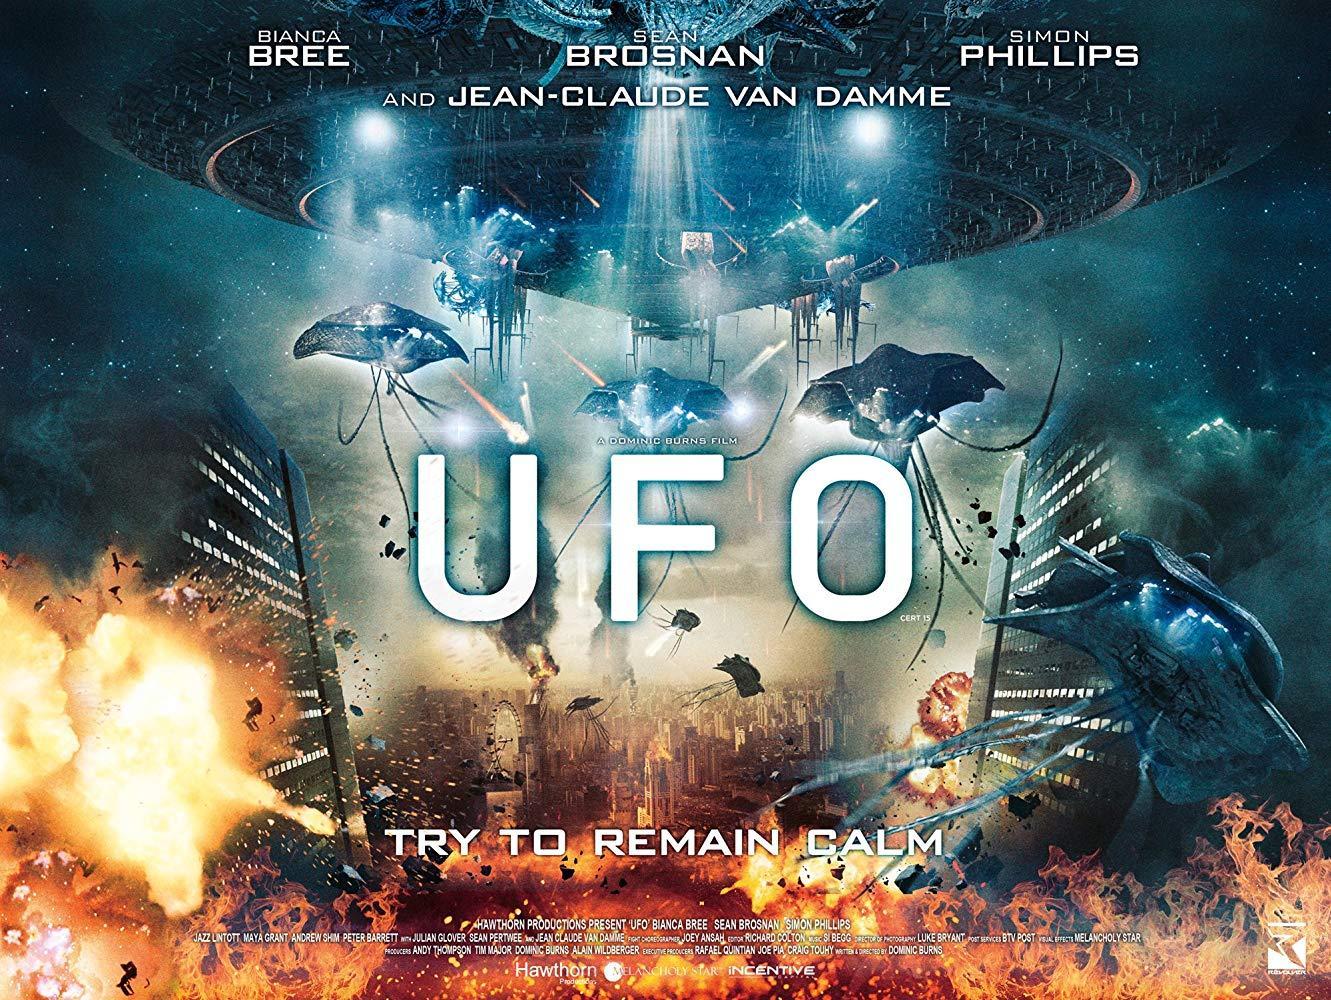 فيلم Alien Uprising 2012 مترجم